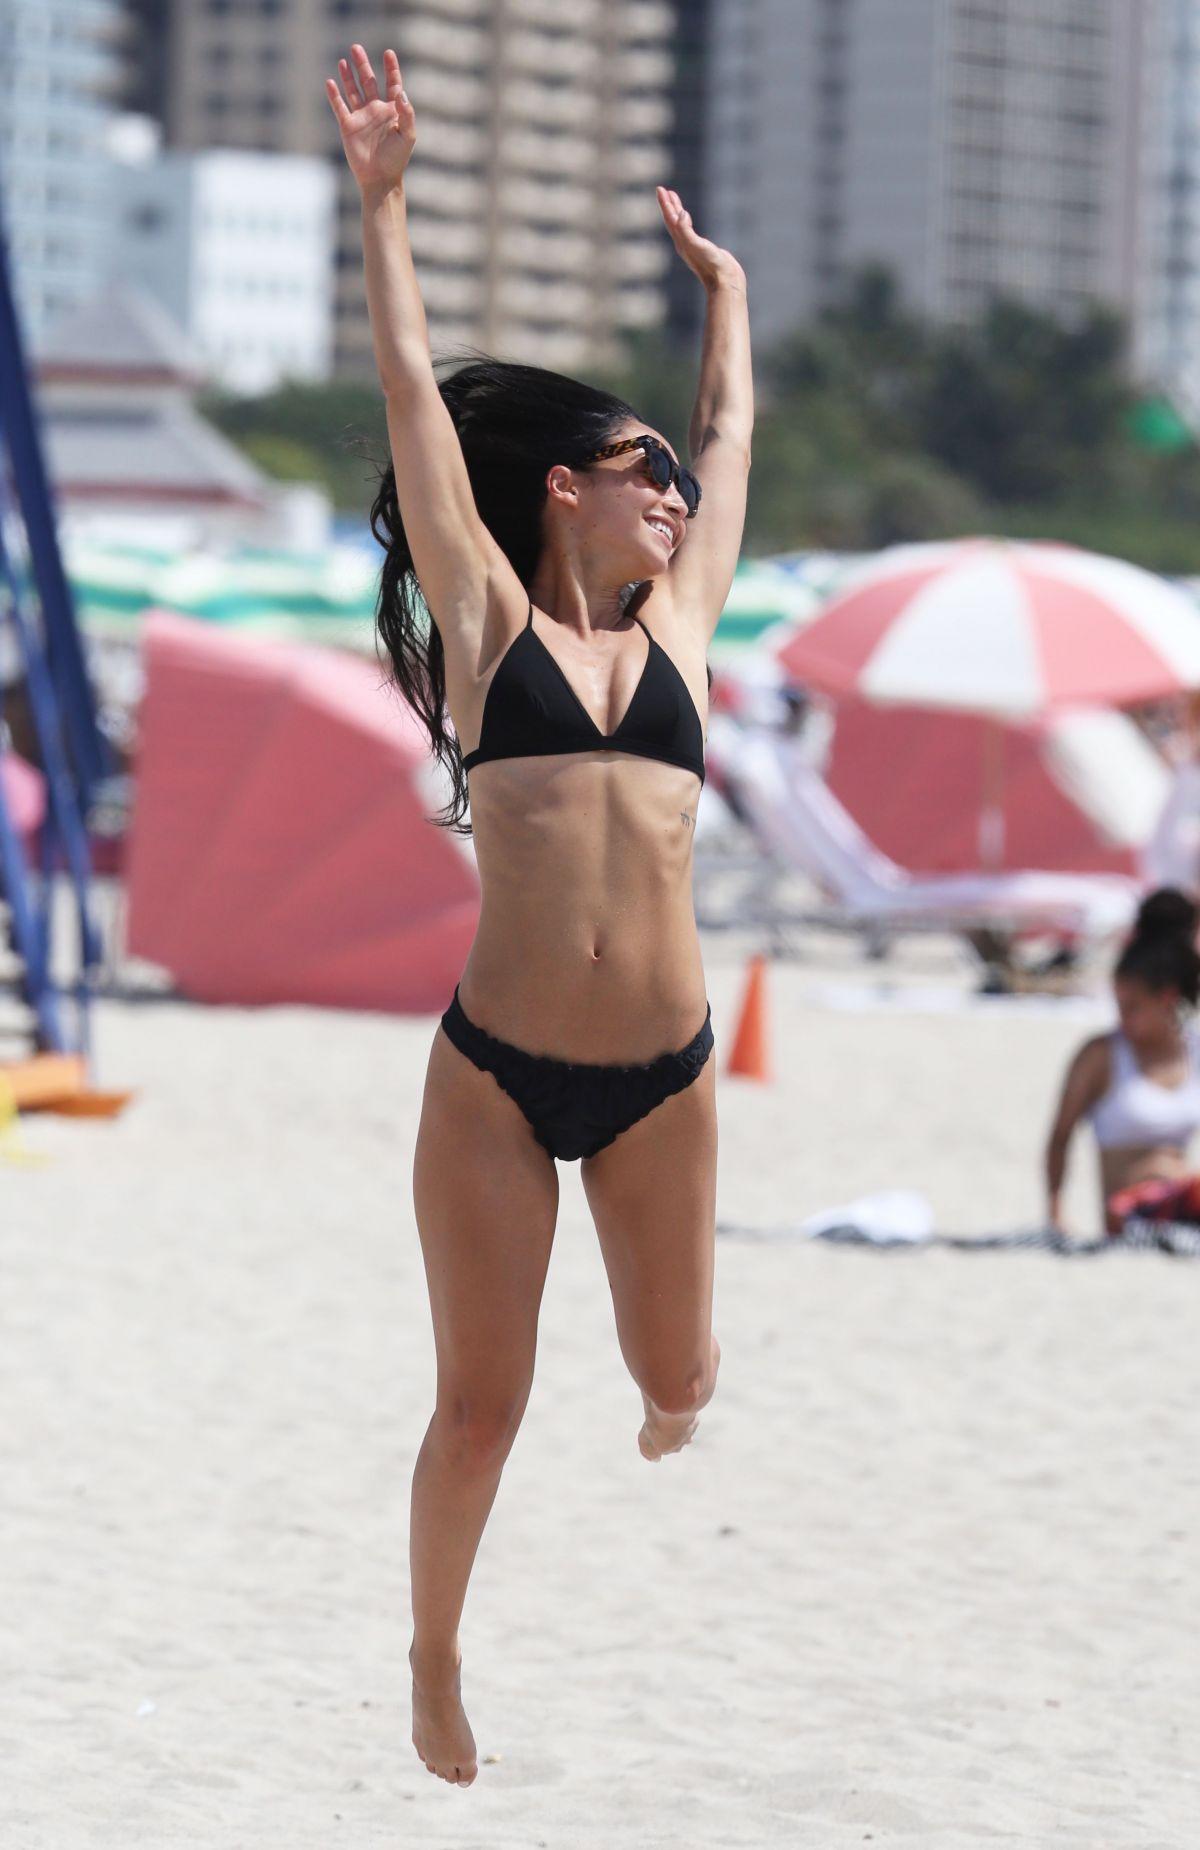 Bikini Deborah Joy Winans nude (22 photos) Porno, Facebook, underwear